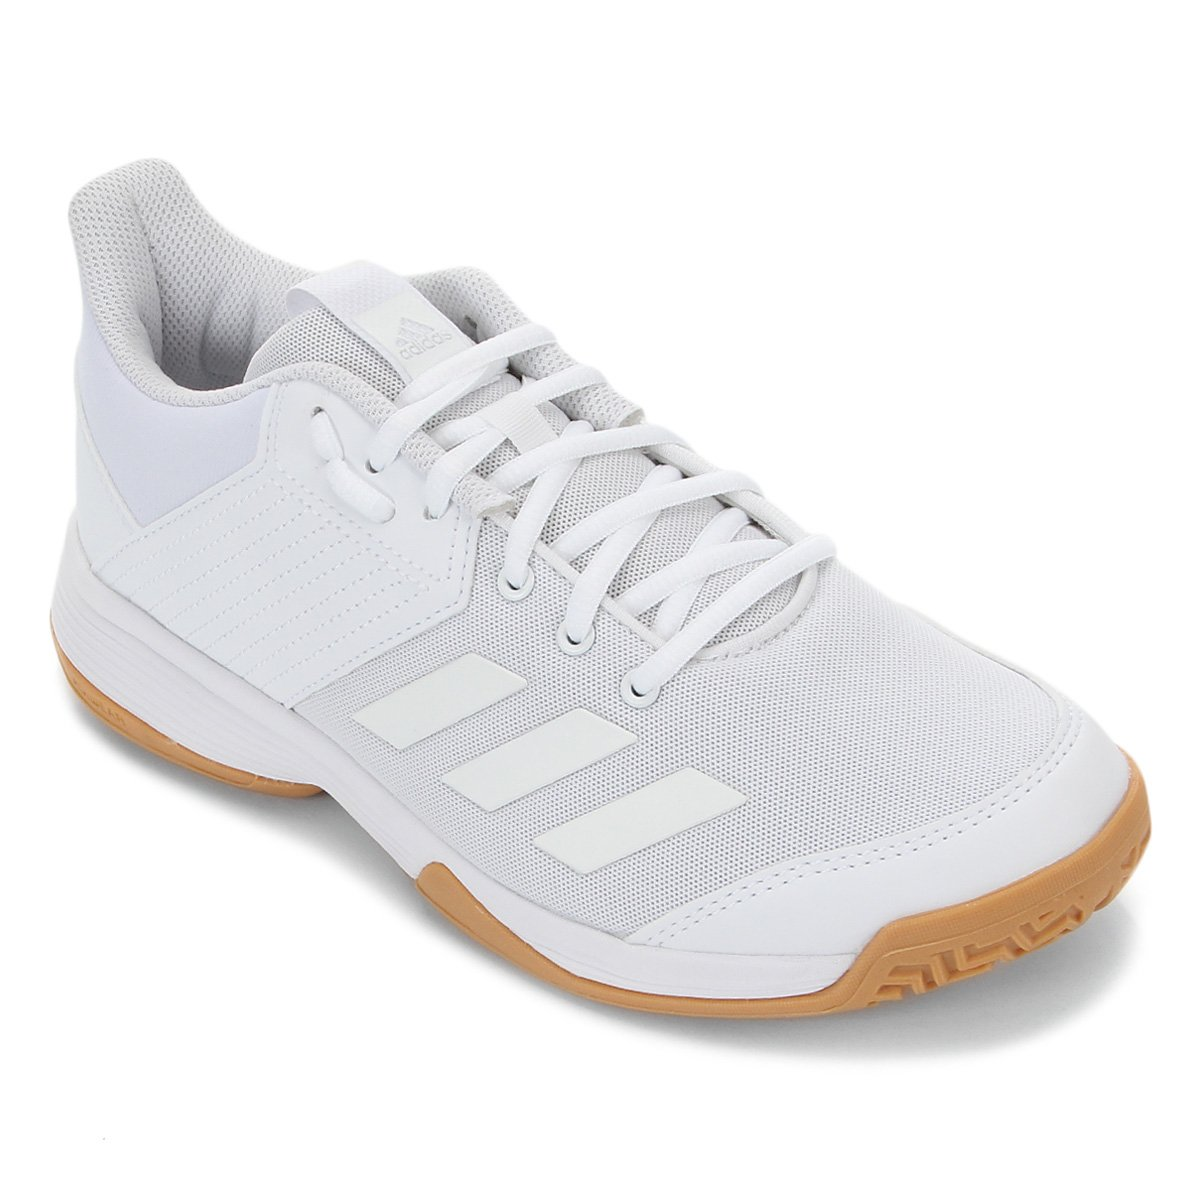 Tênis Adidas Ligra 6 Feminino